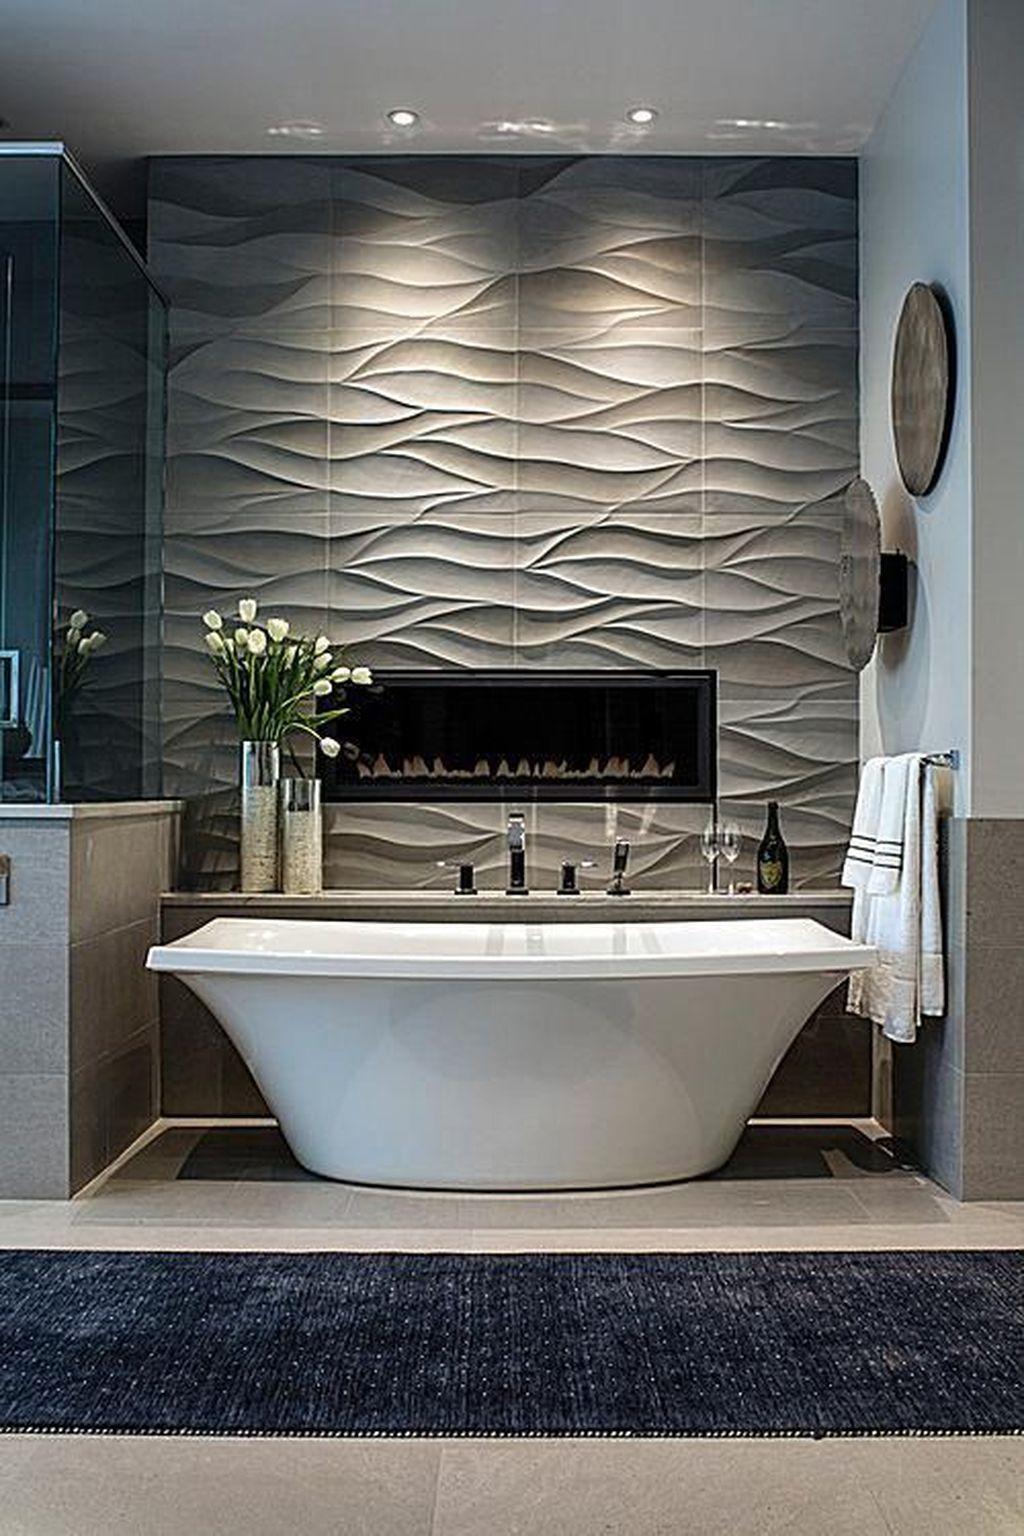 42 Amazing Contemporary Bathroom Design Ideas Contemporary Bathroom Remodel Contemporary Bathroom Designs Bathrooms Remodel